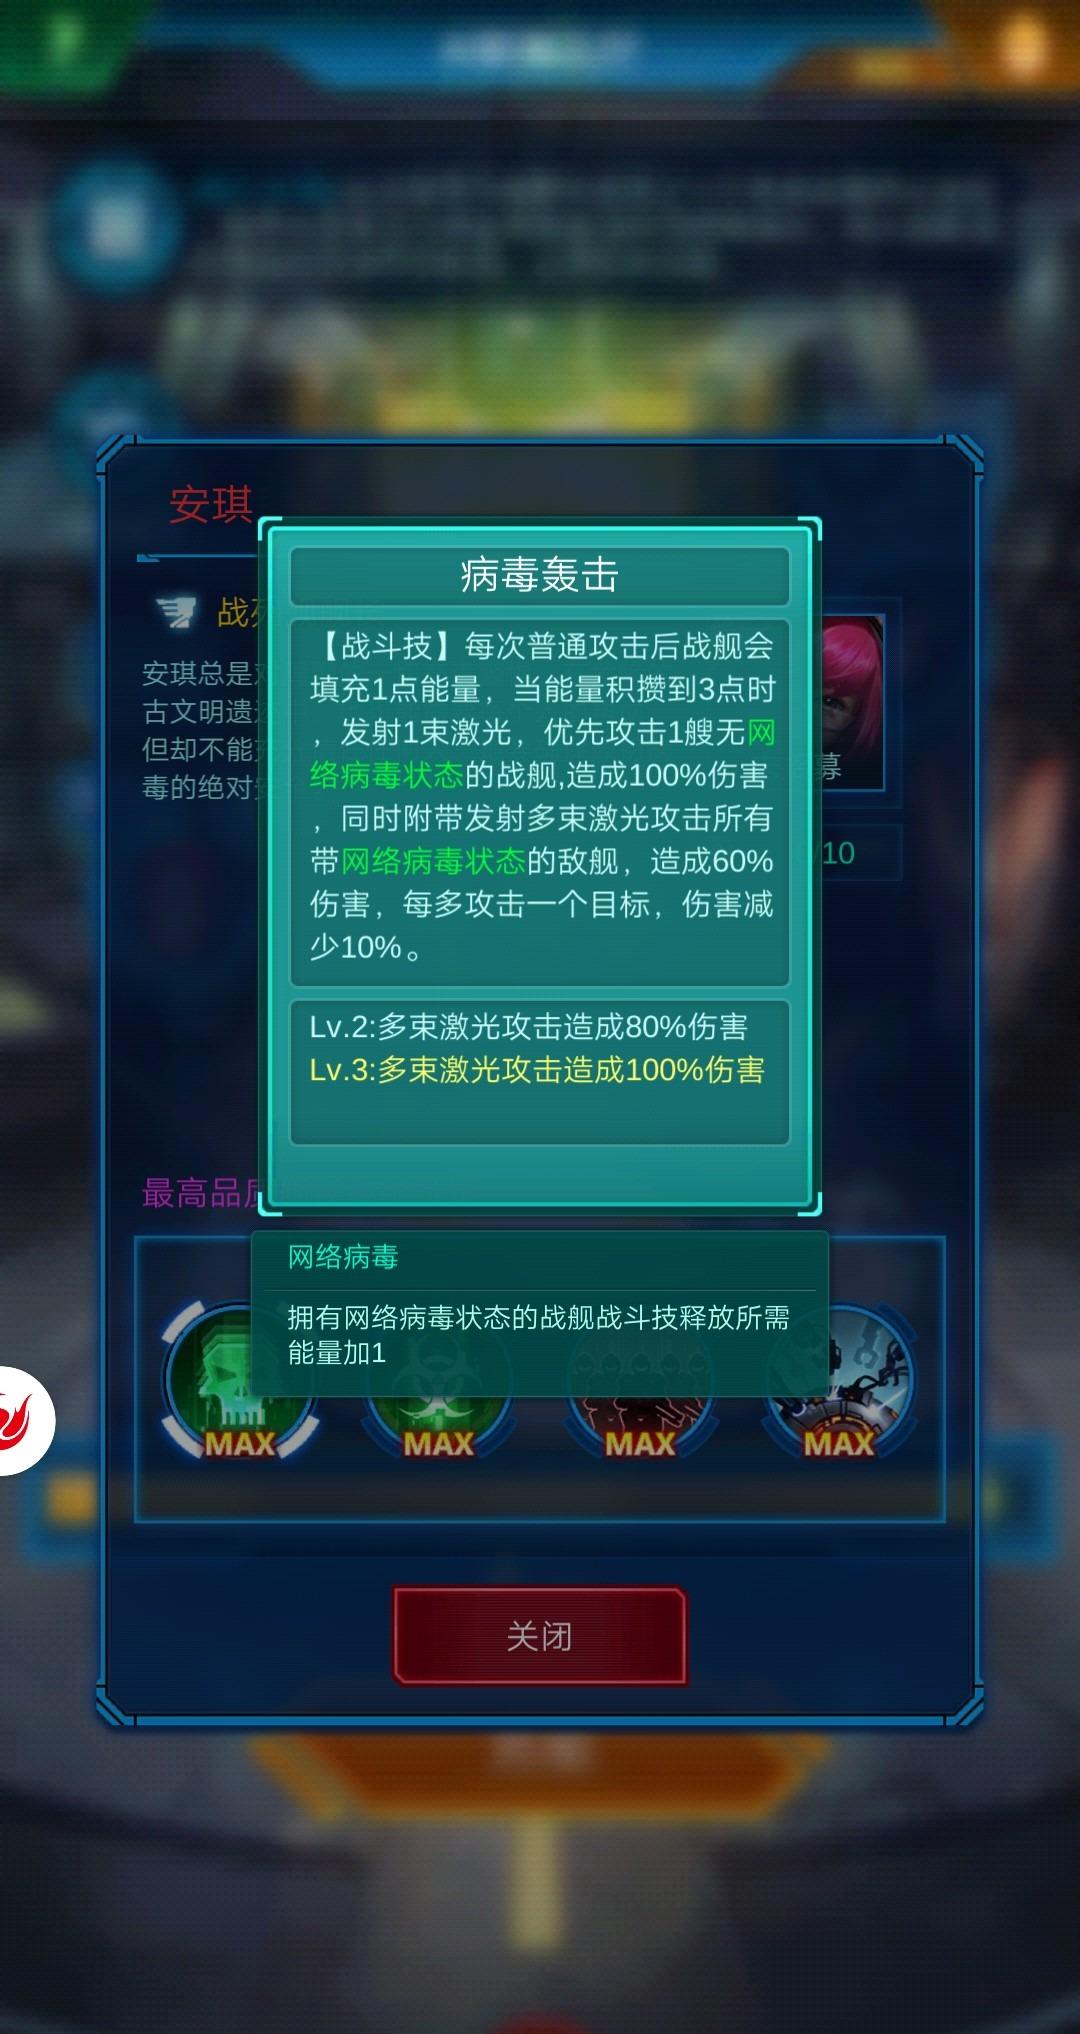 Screenshot_2020_0601_231508.jpg